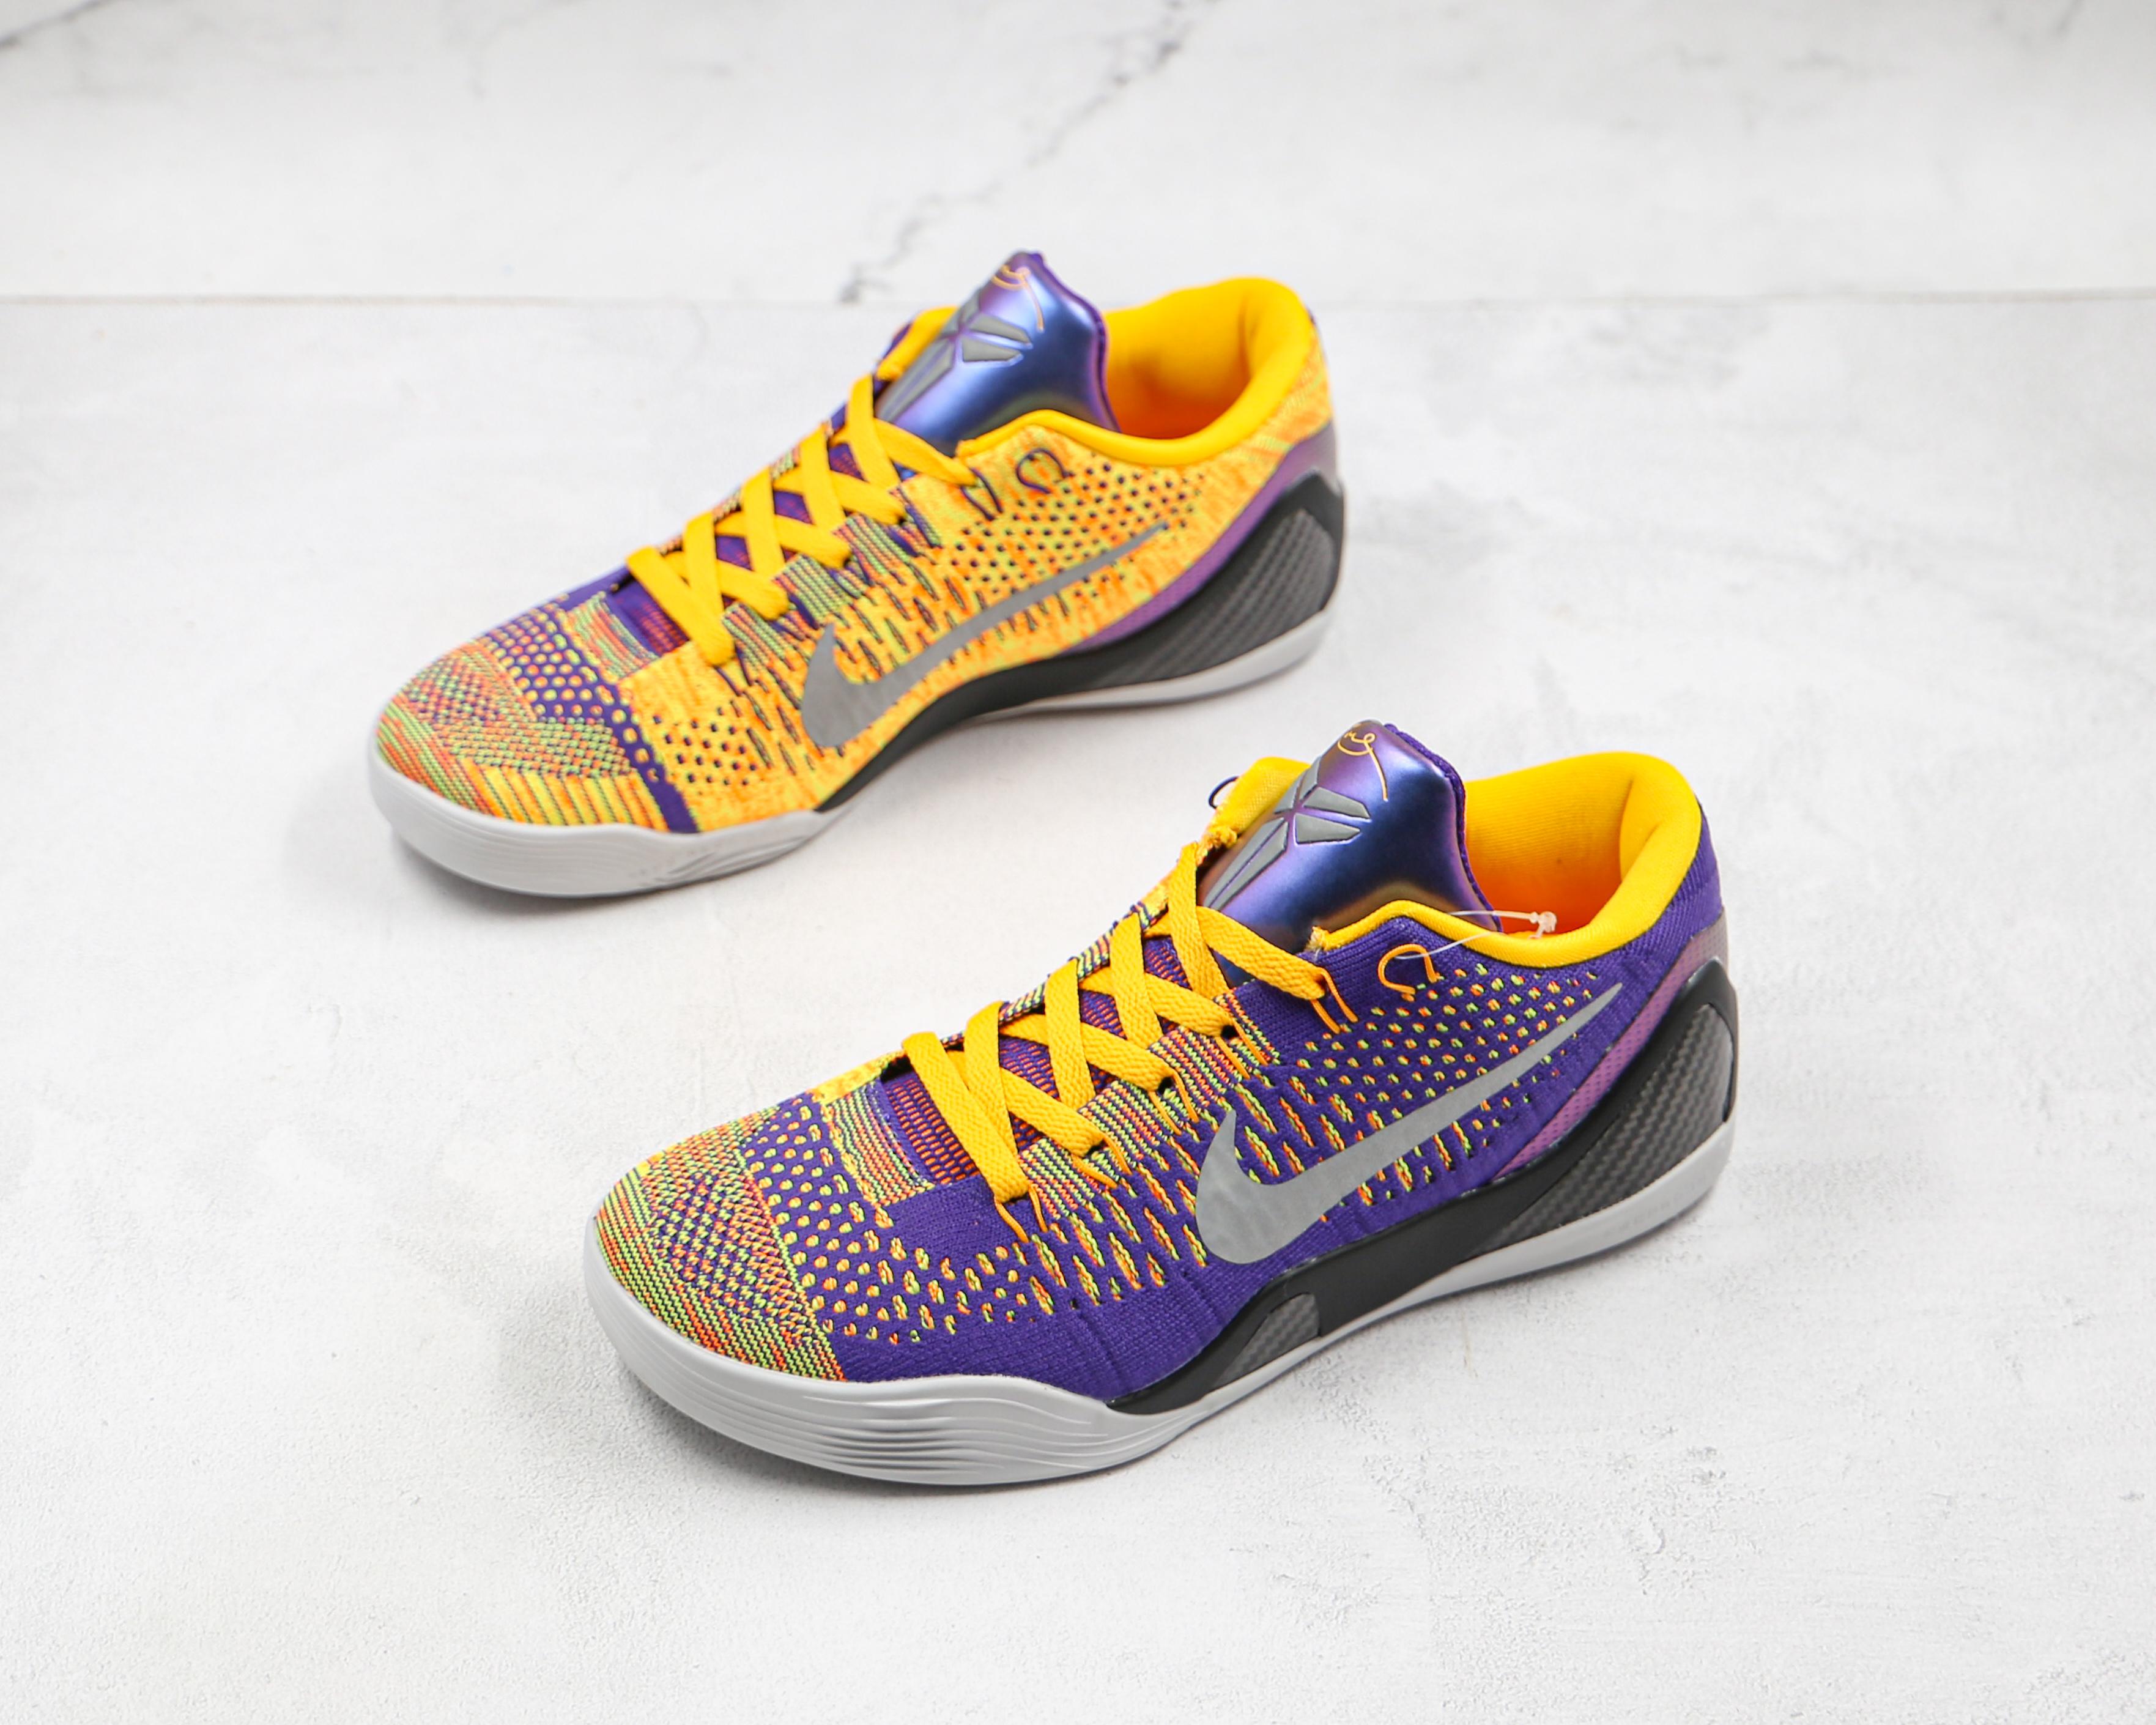 紫金色 科比9代 低帮 黑曼巴 NIKE/耐克  科比9代篮球鞋系列  Zoom Kobe IX 货号:630487 500 低帮运动篮球鞋    K25-5